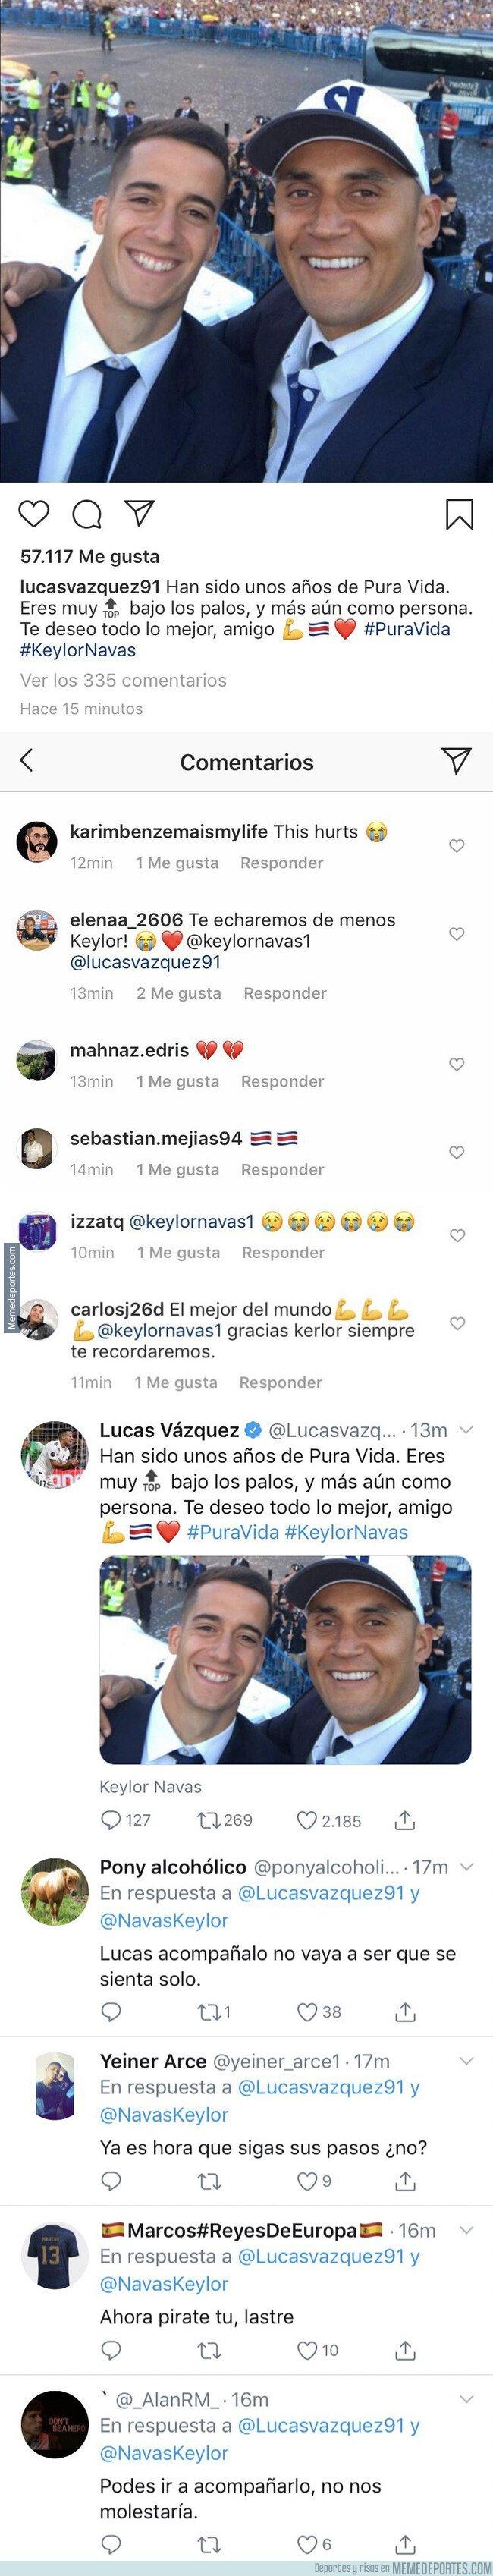 1085668 - Te meas de la risa: Esta es la gran diferencia de comentarios que recibió Lucas Vázquez en Twitter e Instagram al despedirse de Keylor Navas